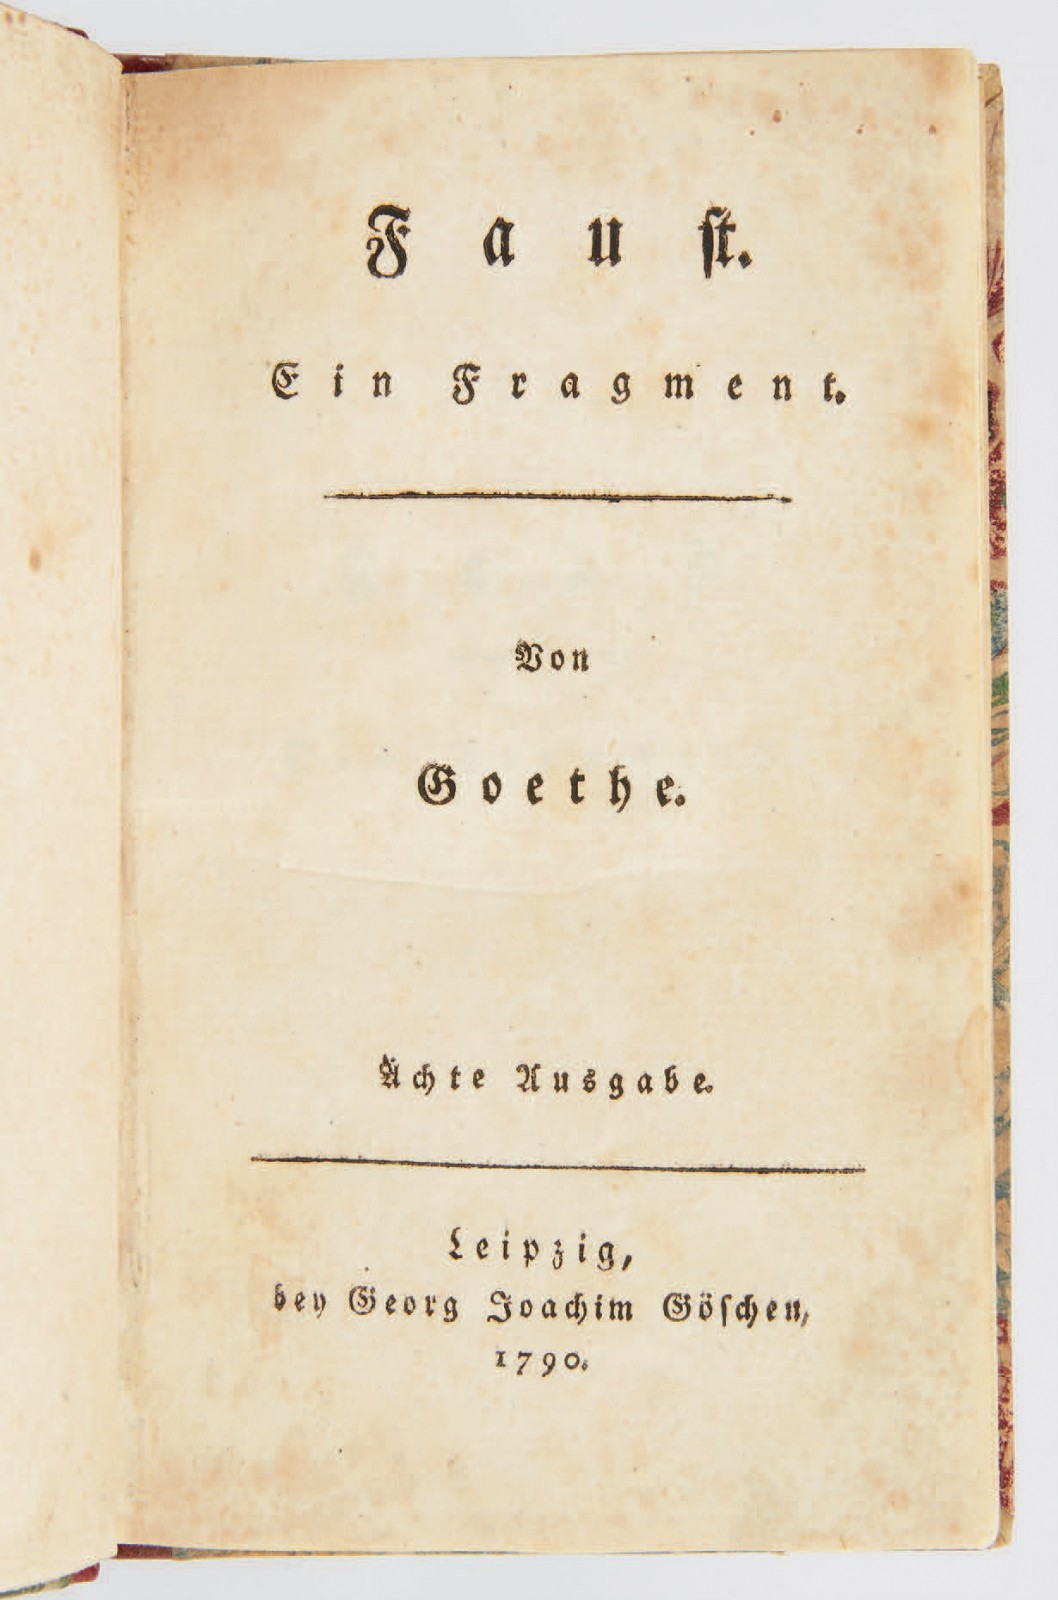 goethe-johann-wolfgang-von-faust-ein-fragment-achte-ausgabe-leipzig-georg-joachim-goschen-1790--196